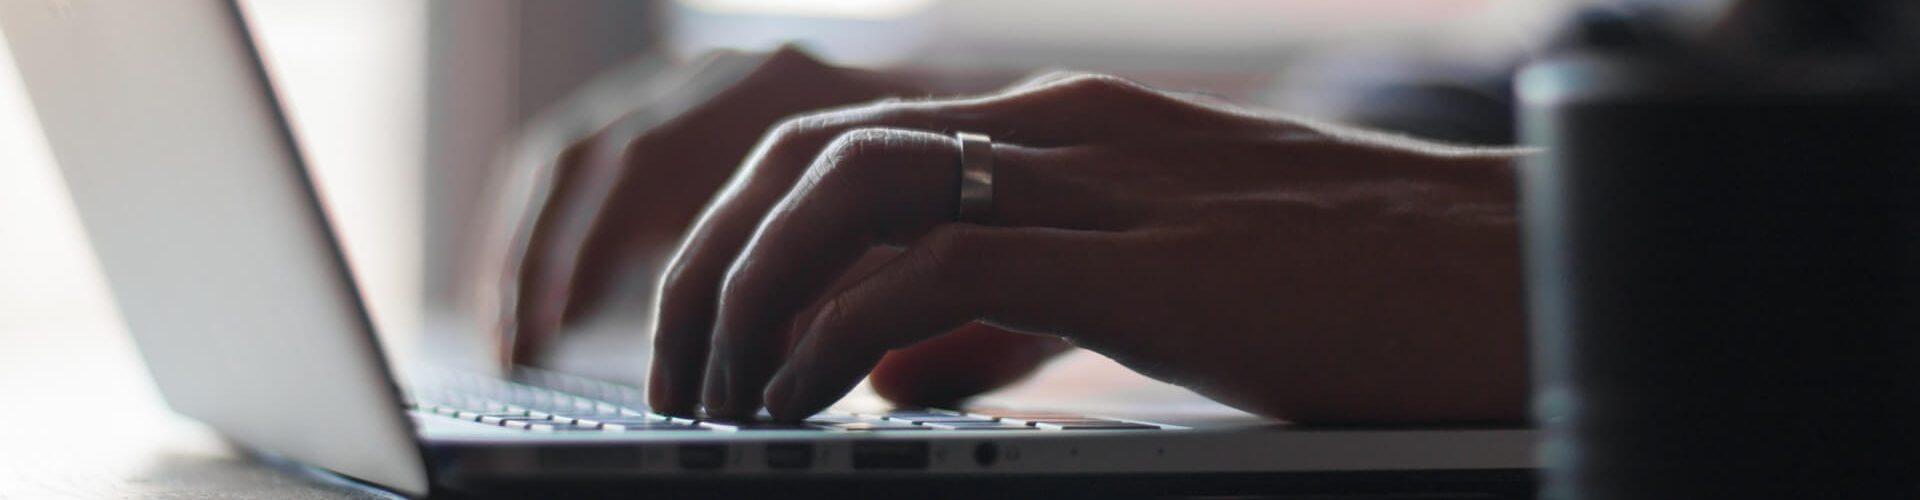 Deutliche Bewerbungsschreiben verfassen: Schreiben am Computer